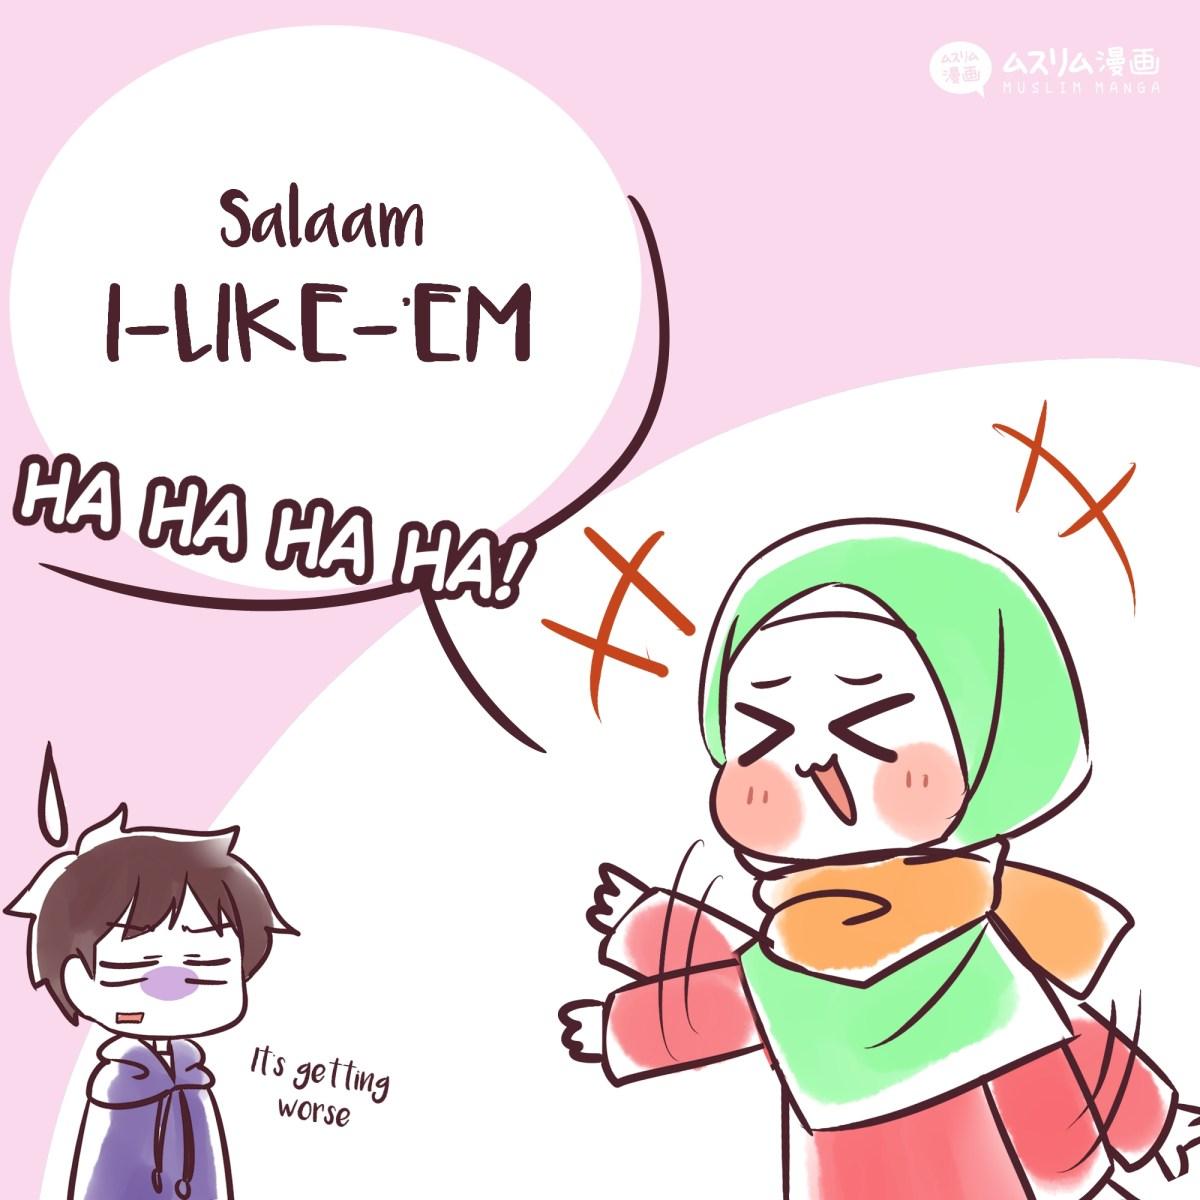 Fun Puns: Salam 2